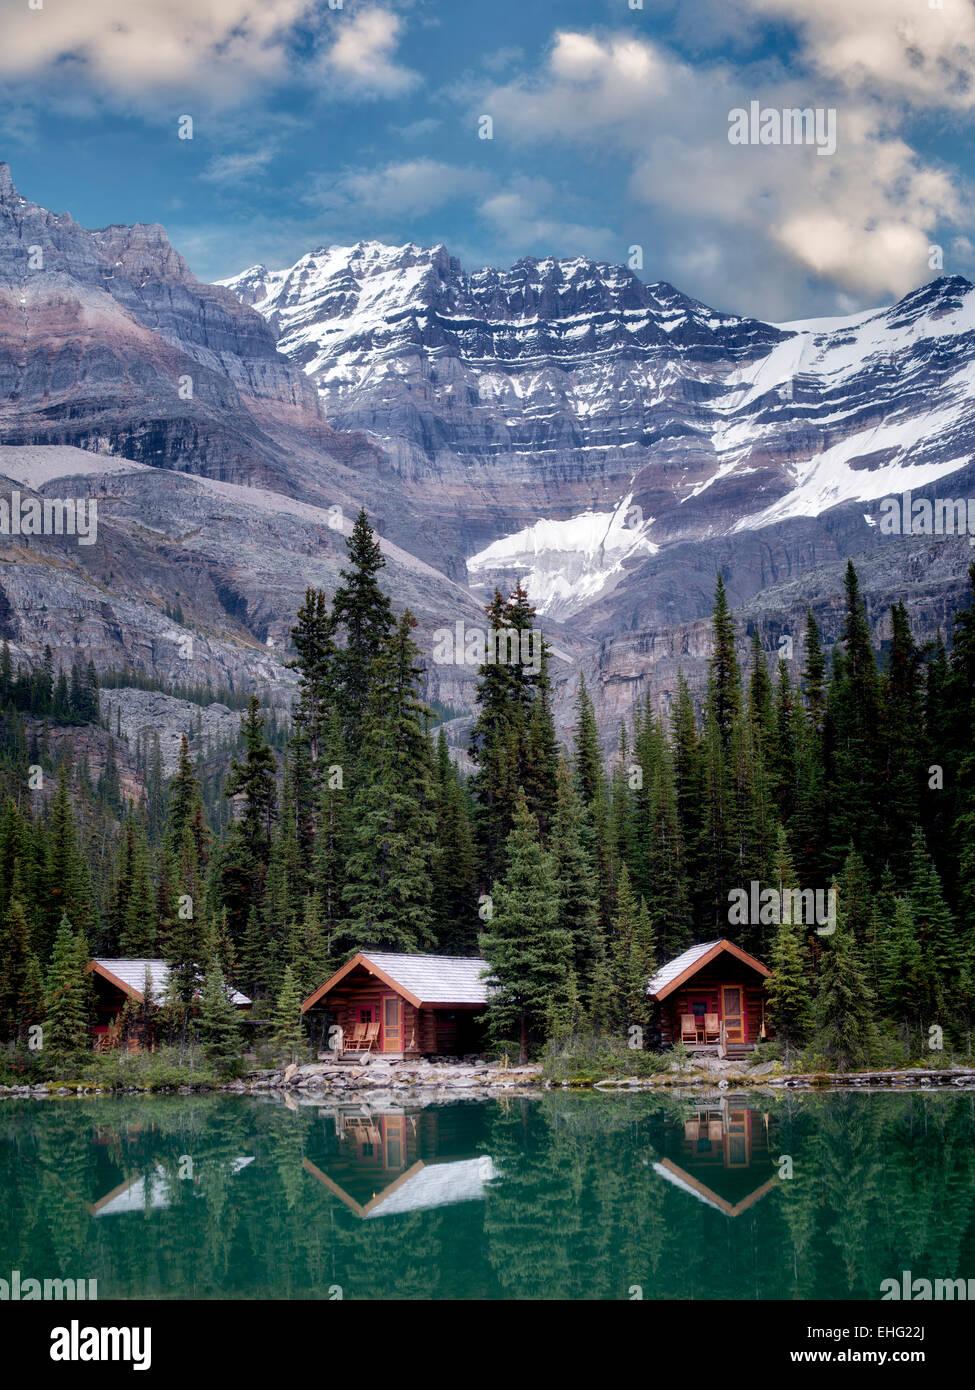 Cabins at Lake O'hara. Yoho National Park, Opabin Plateau, British Columbia, Canada - Stock Image